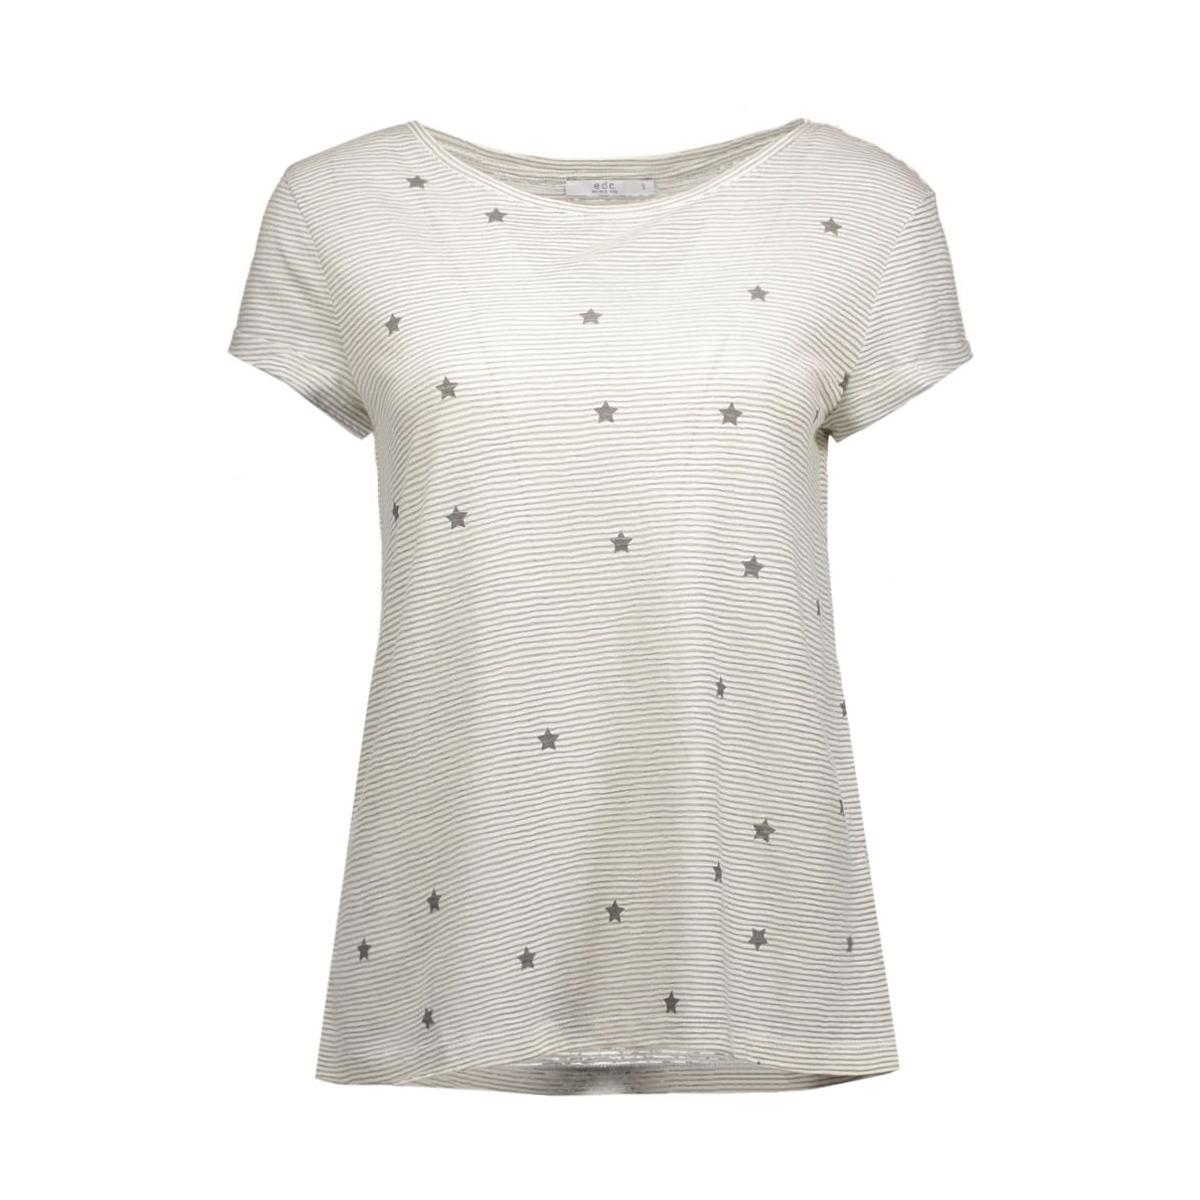 086cc1k064 edc t-shirt c055